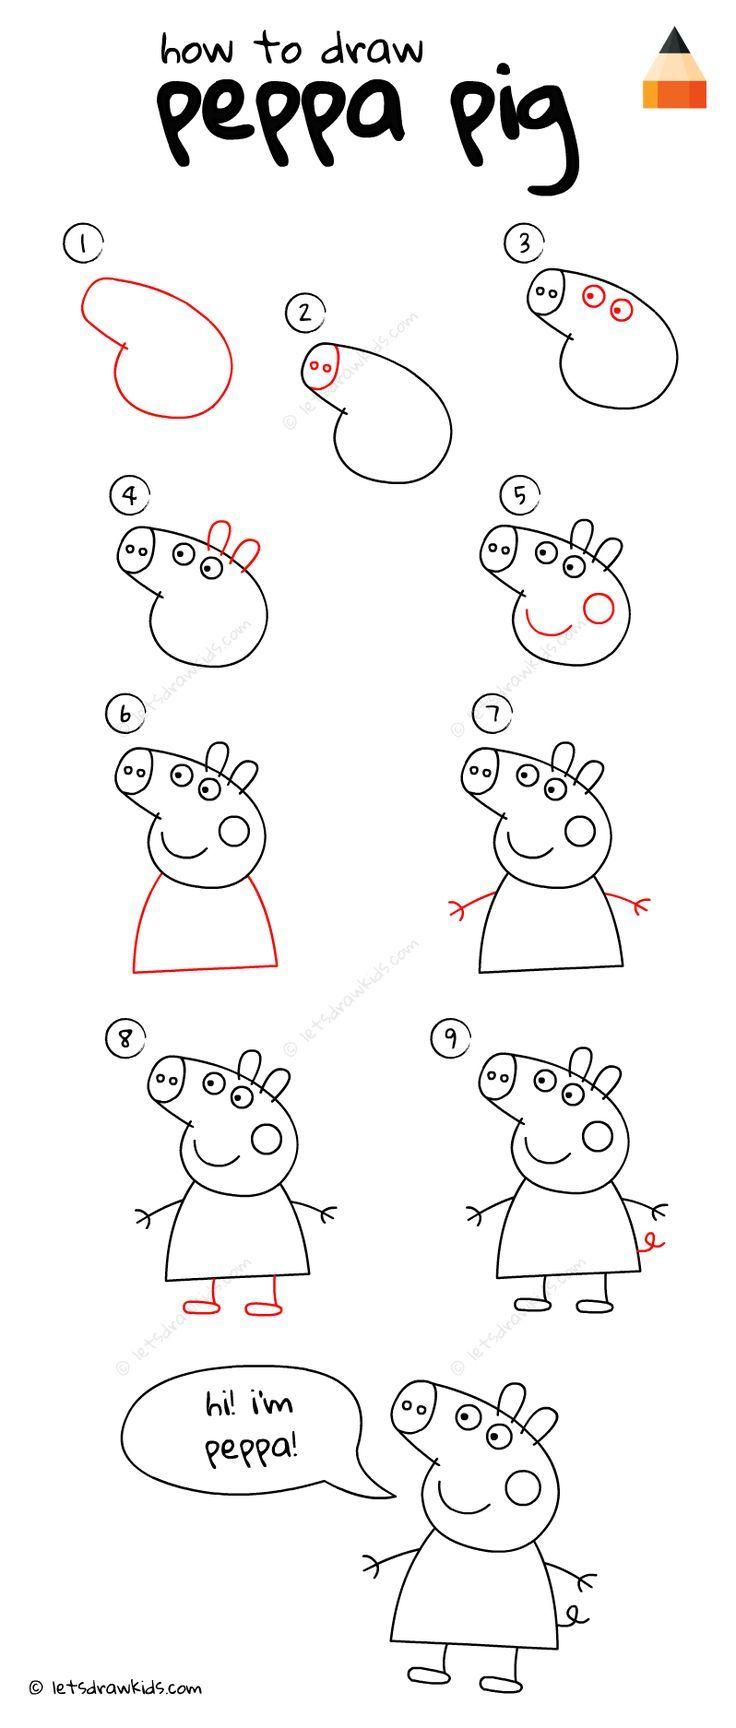 How To Draw Peppa Pig Jeux Dessin Dessin Enfant